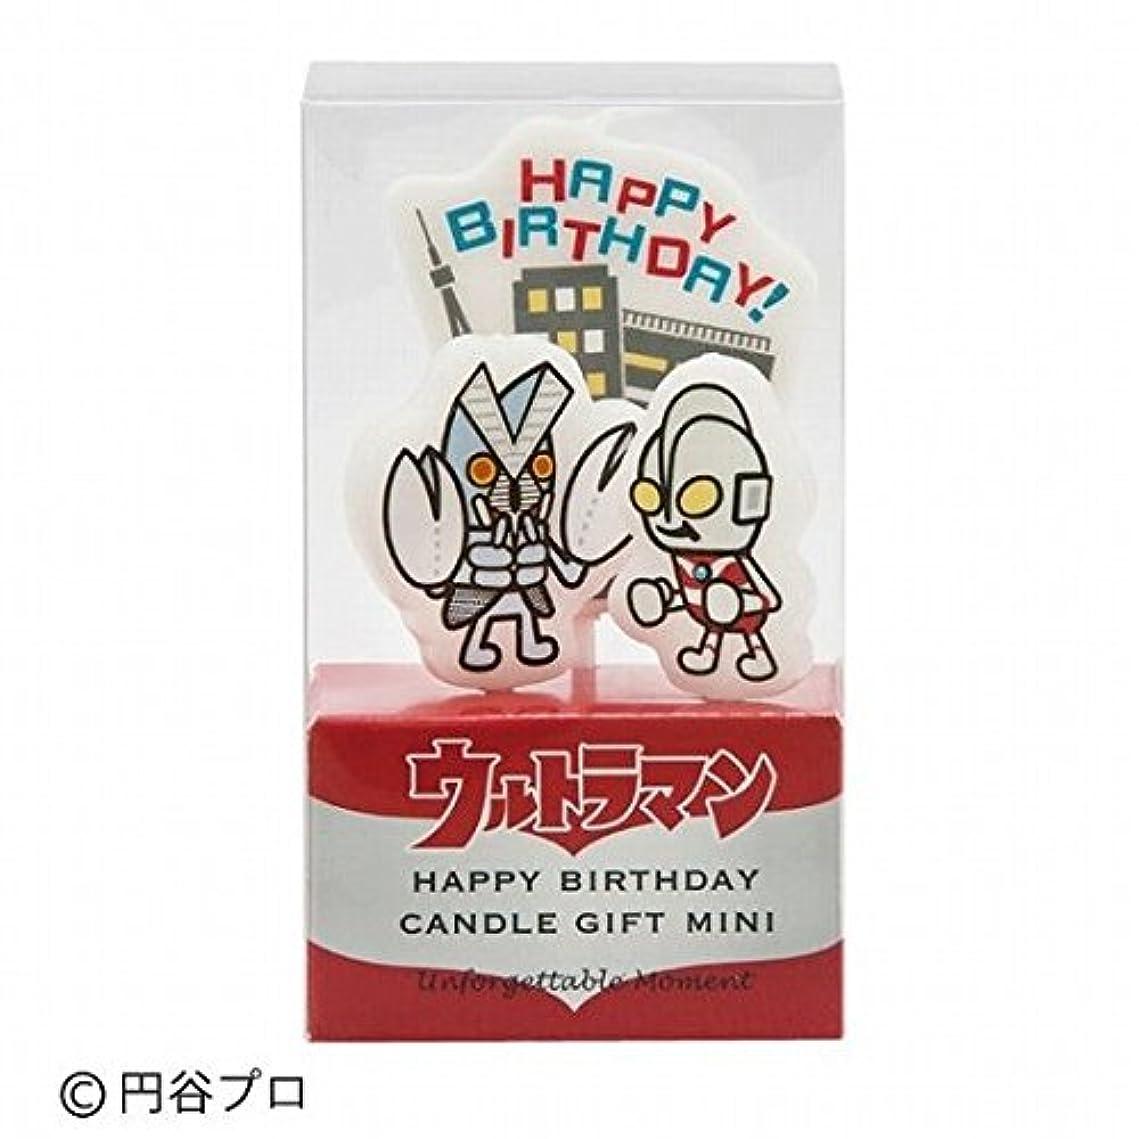 シルエット後世口径kameyama candle(カメヤマキャンドル) ウルトラマンキャンドルギフトミニ 「 ハッピーバースデー 」(55360060)